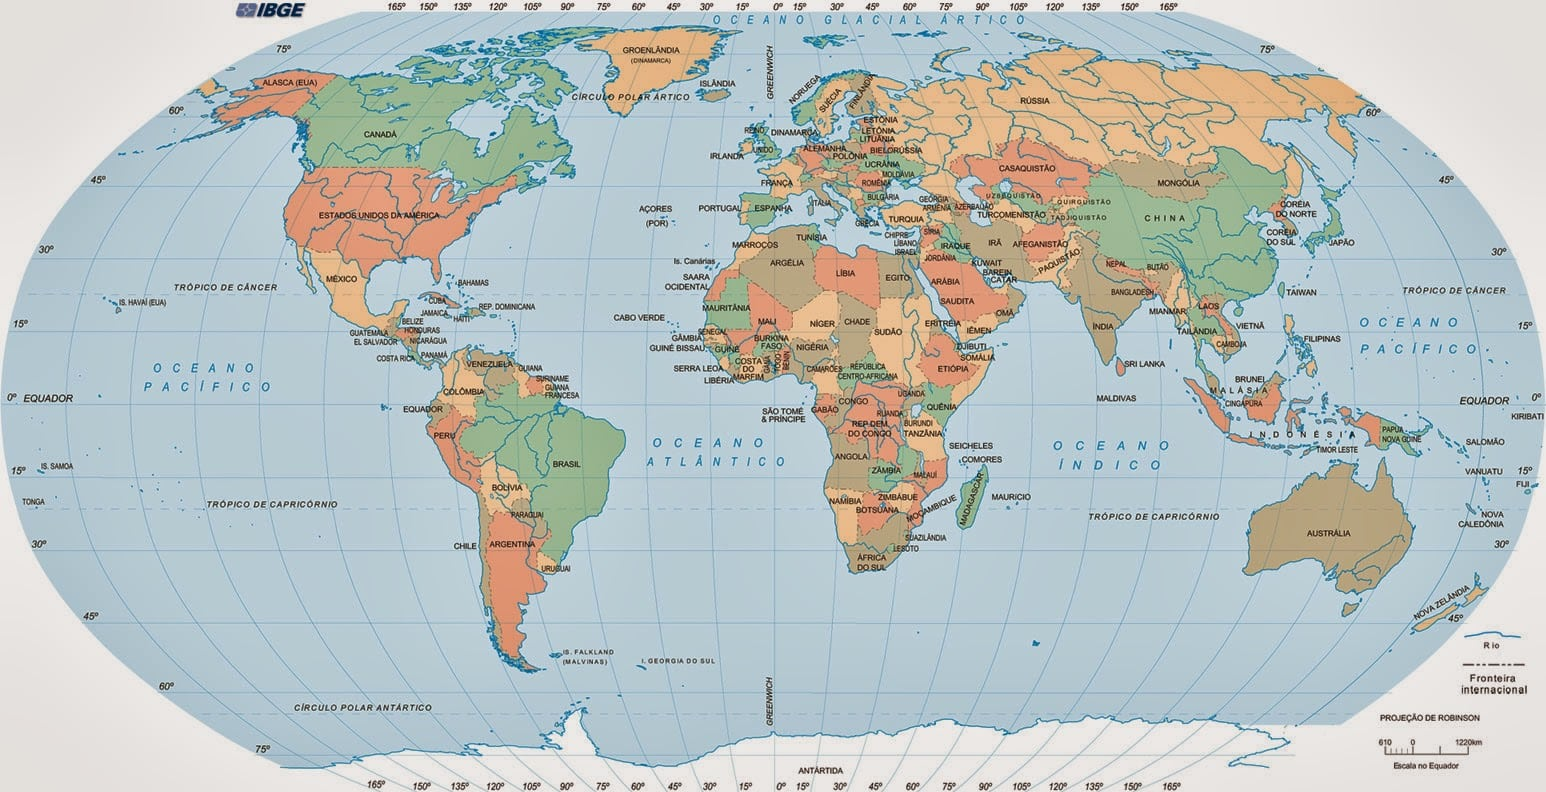 Imagenes De Mapa Mundi Politico